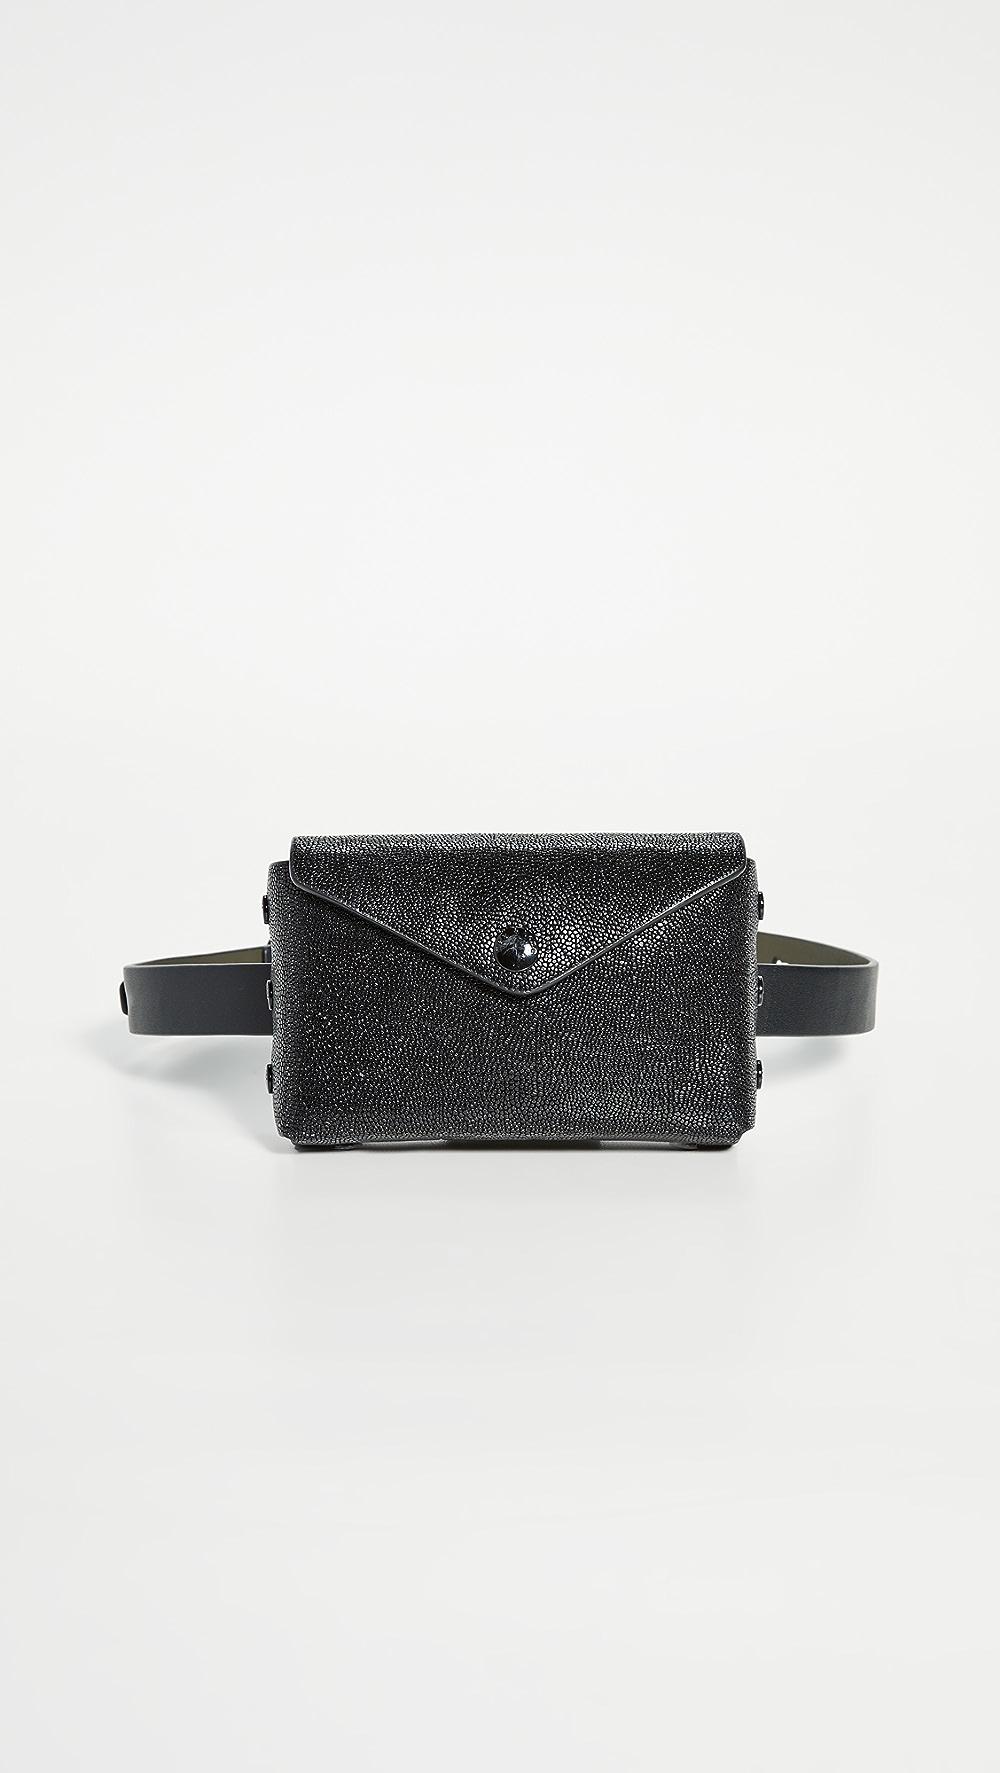 Lovely Rag & Bone - Atlas Belt Bag S/m 2019 New Fashion Style Online